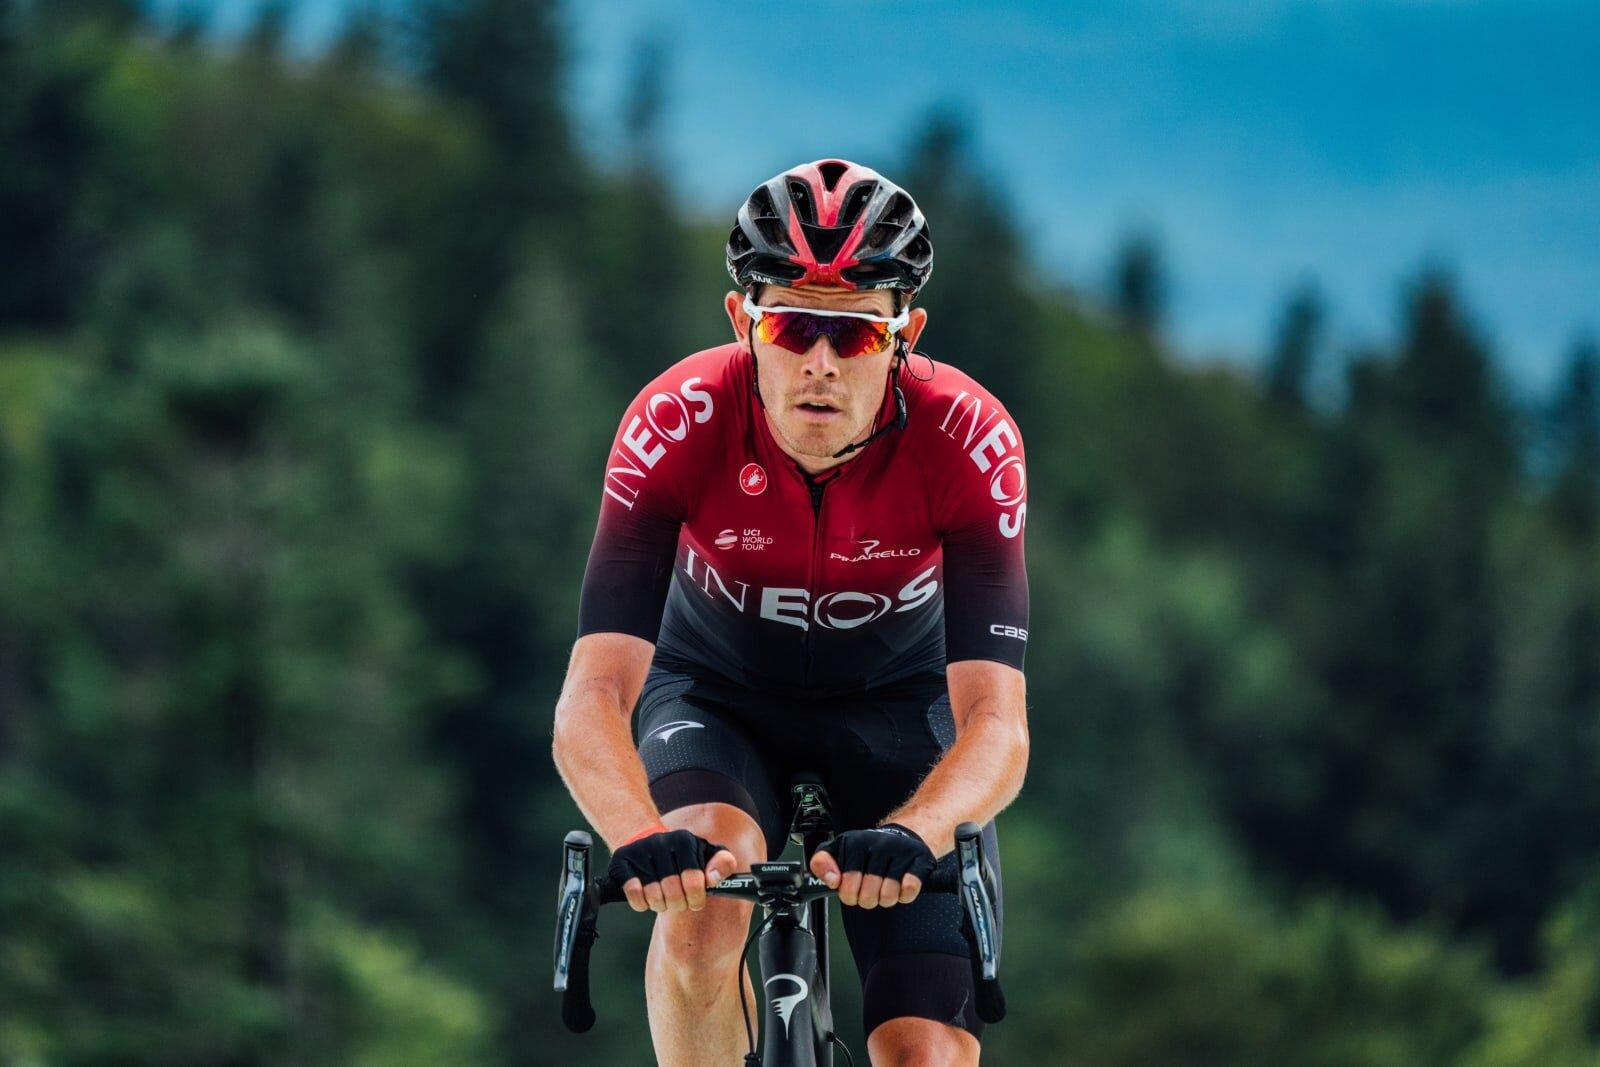 Abbigliamento Ciclismo Ineos Grenadiers Rosso Scuro Blu Manica Corta e Salopette